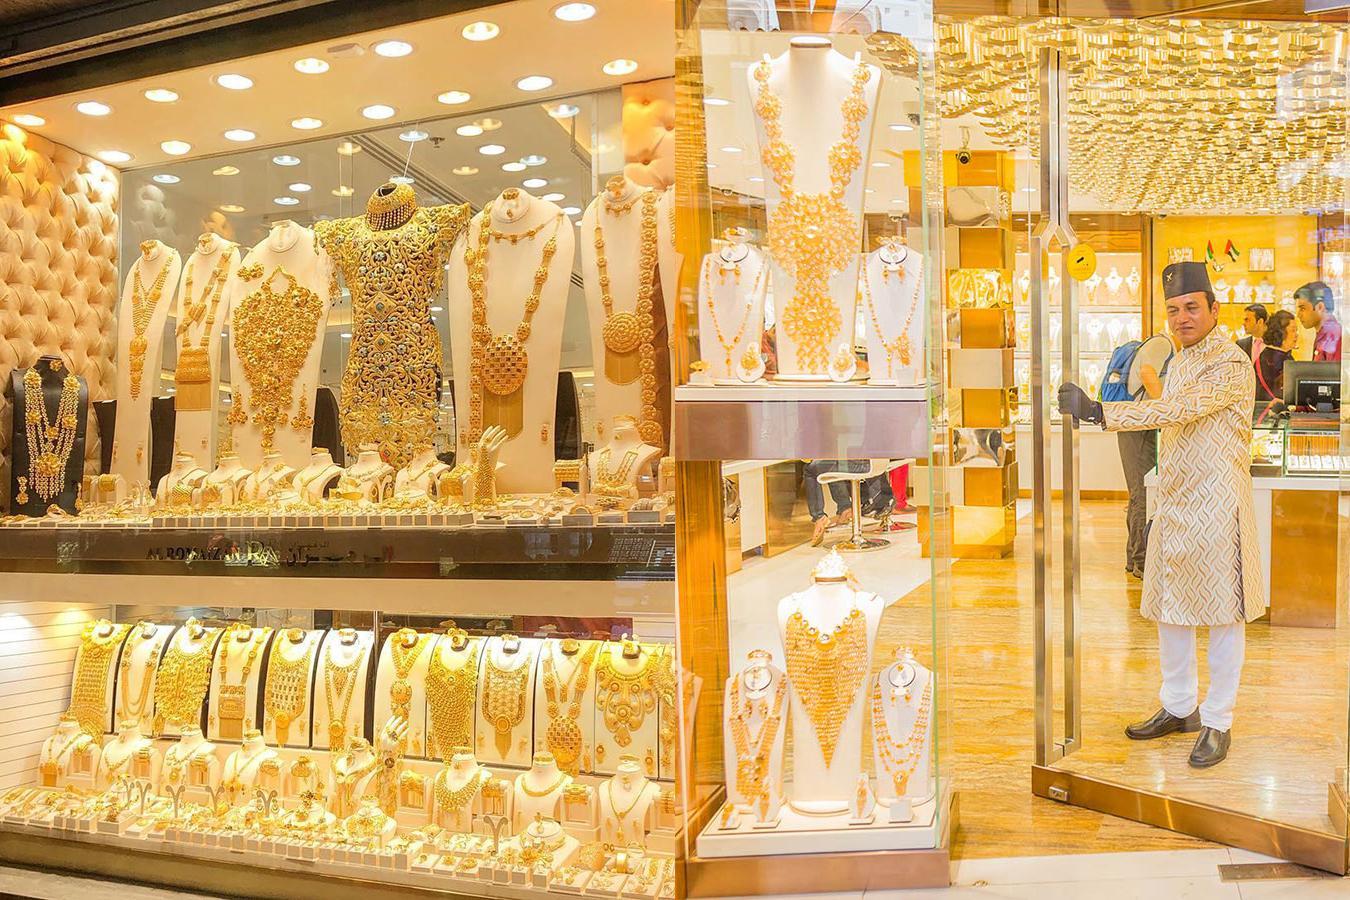 Lóa mắt trước khu chợ toàn bằng vàng ở UAE - Ảnh 1.